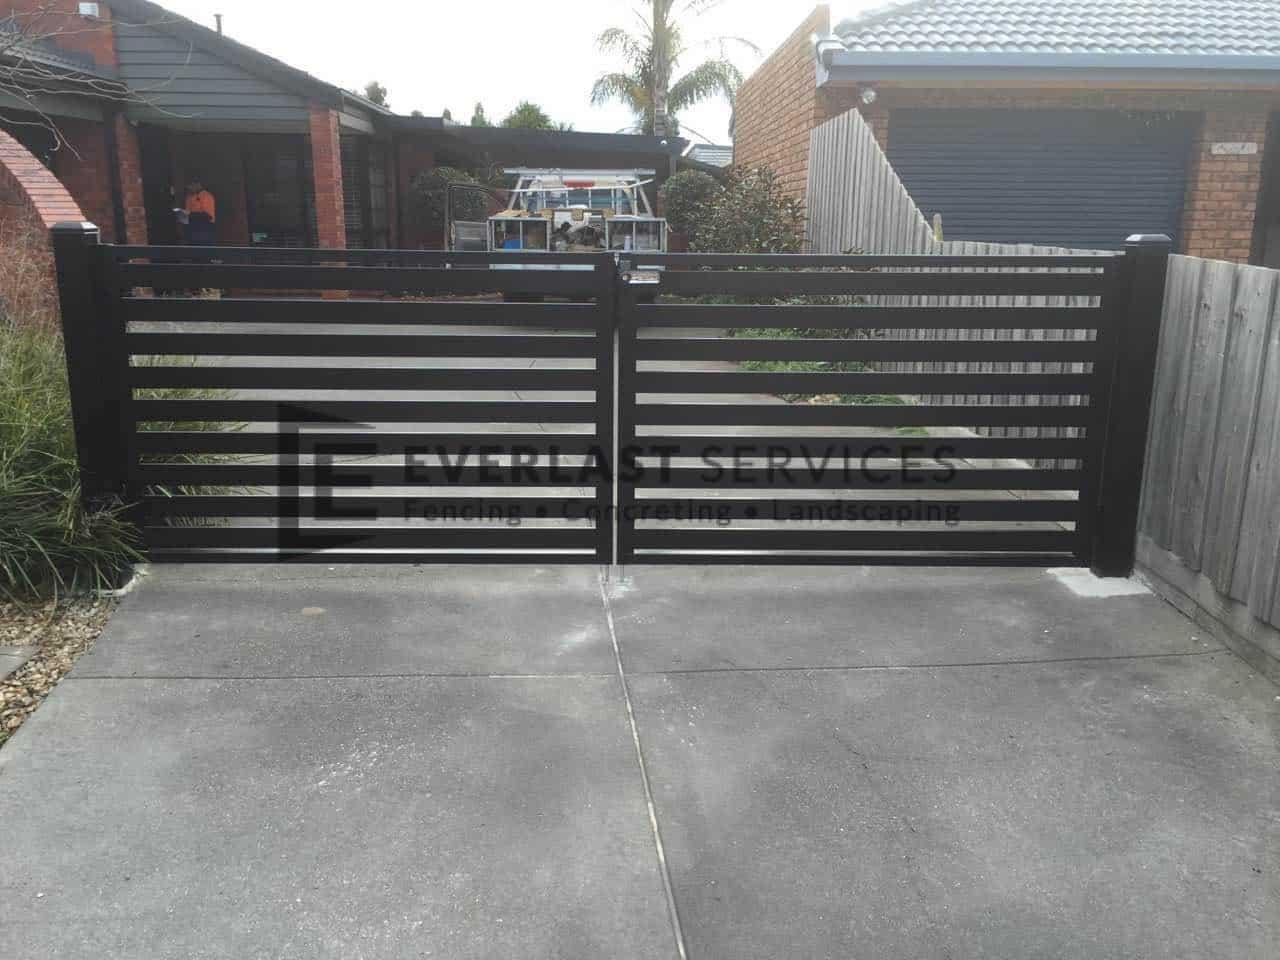 DG20 - Black Horizontal Slats Driveway Gate